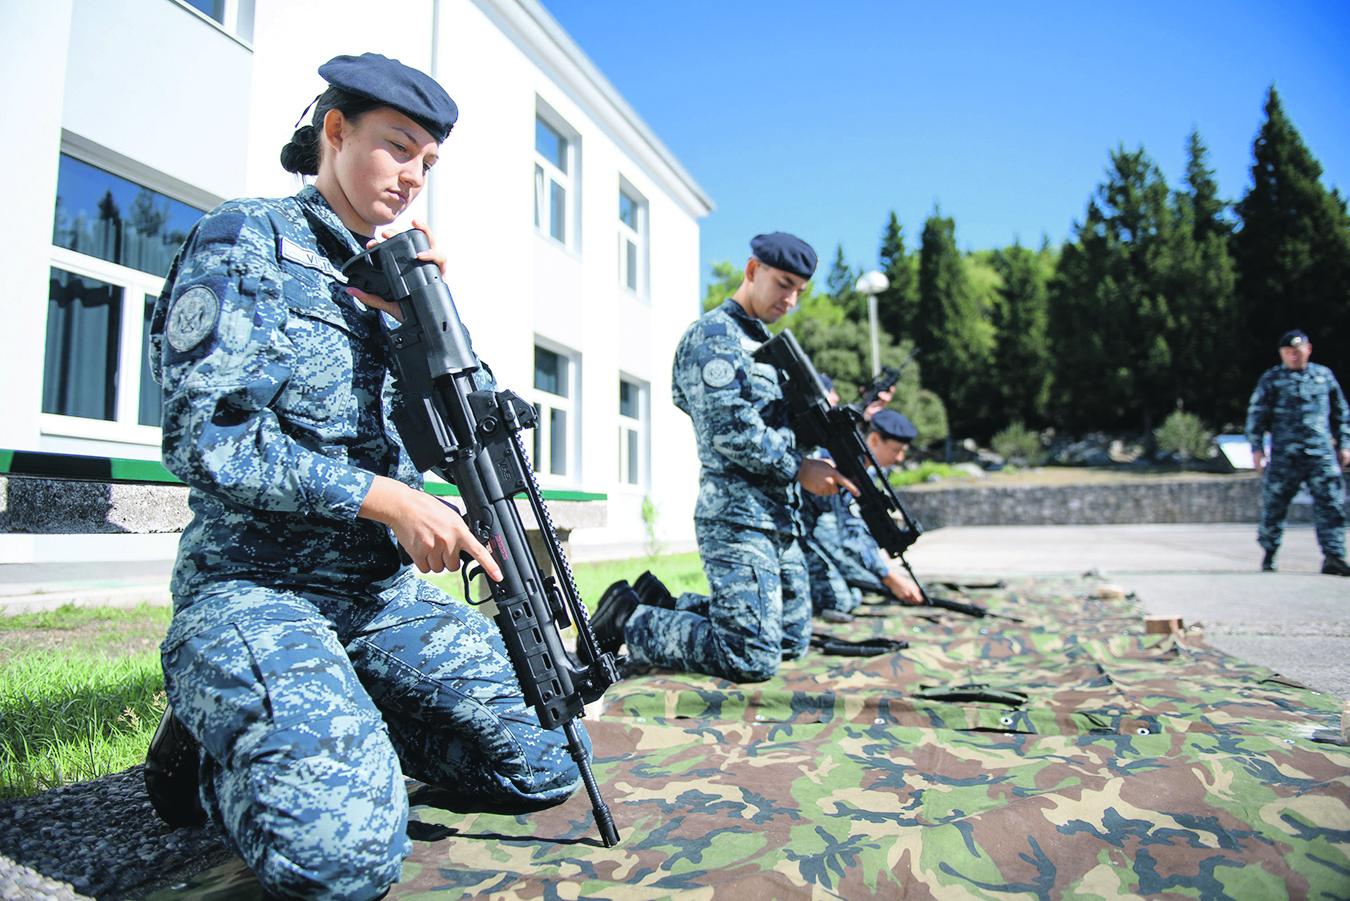 Ploce, 270918. Nova postrojba Hrvatske ratne mornarice, Satnija mornaricko-desantnog pjesastva nalazi se u vojarni 116. brigade HV u Plocama. Foto: Tonci Plazibat / CROPIX